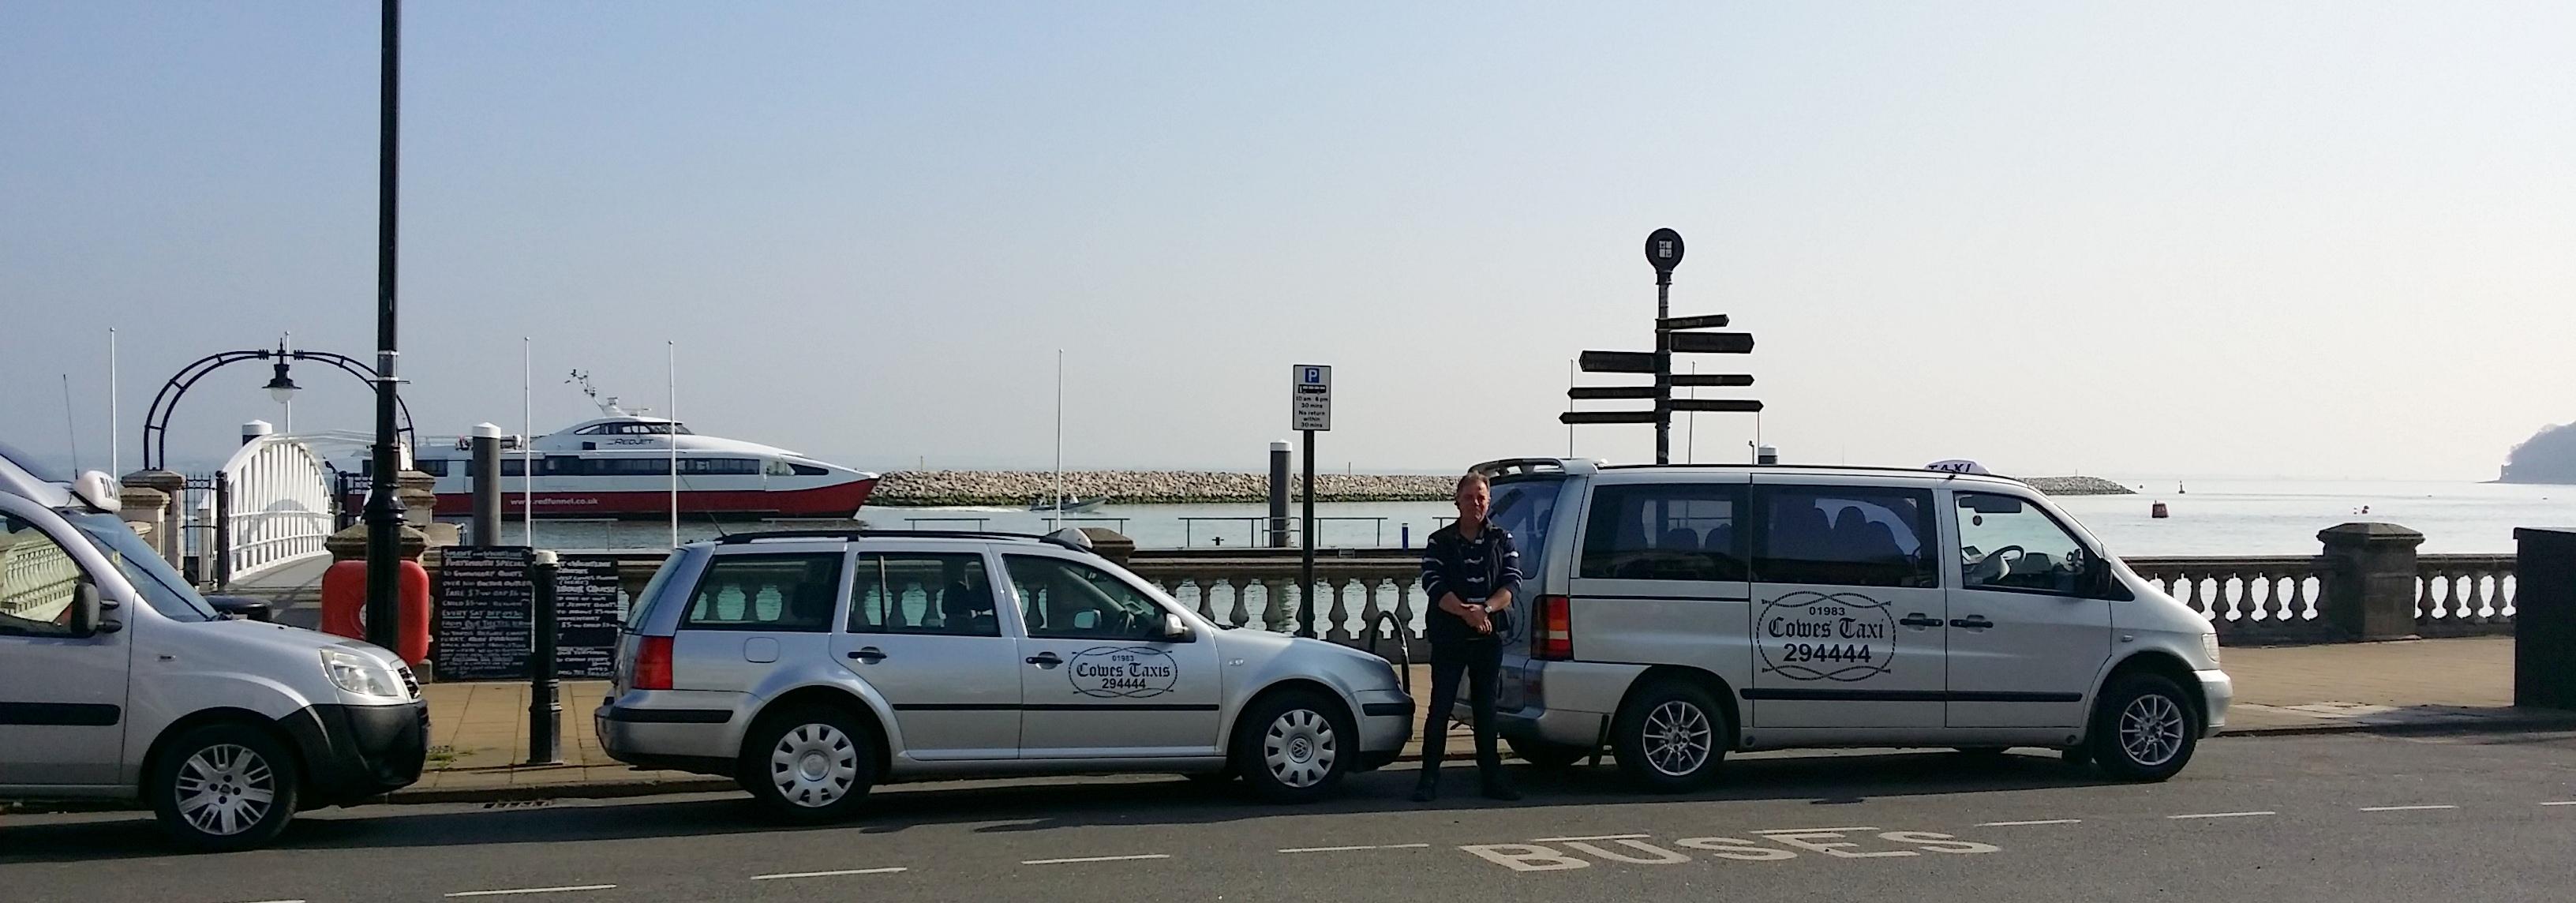 Cowes Taxis car fleet